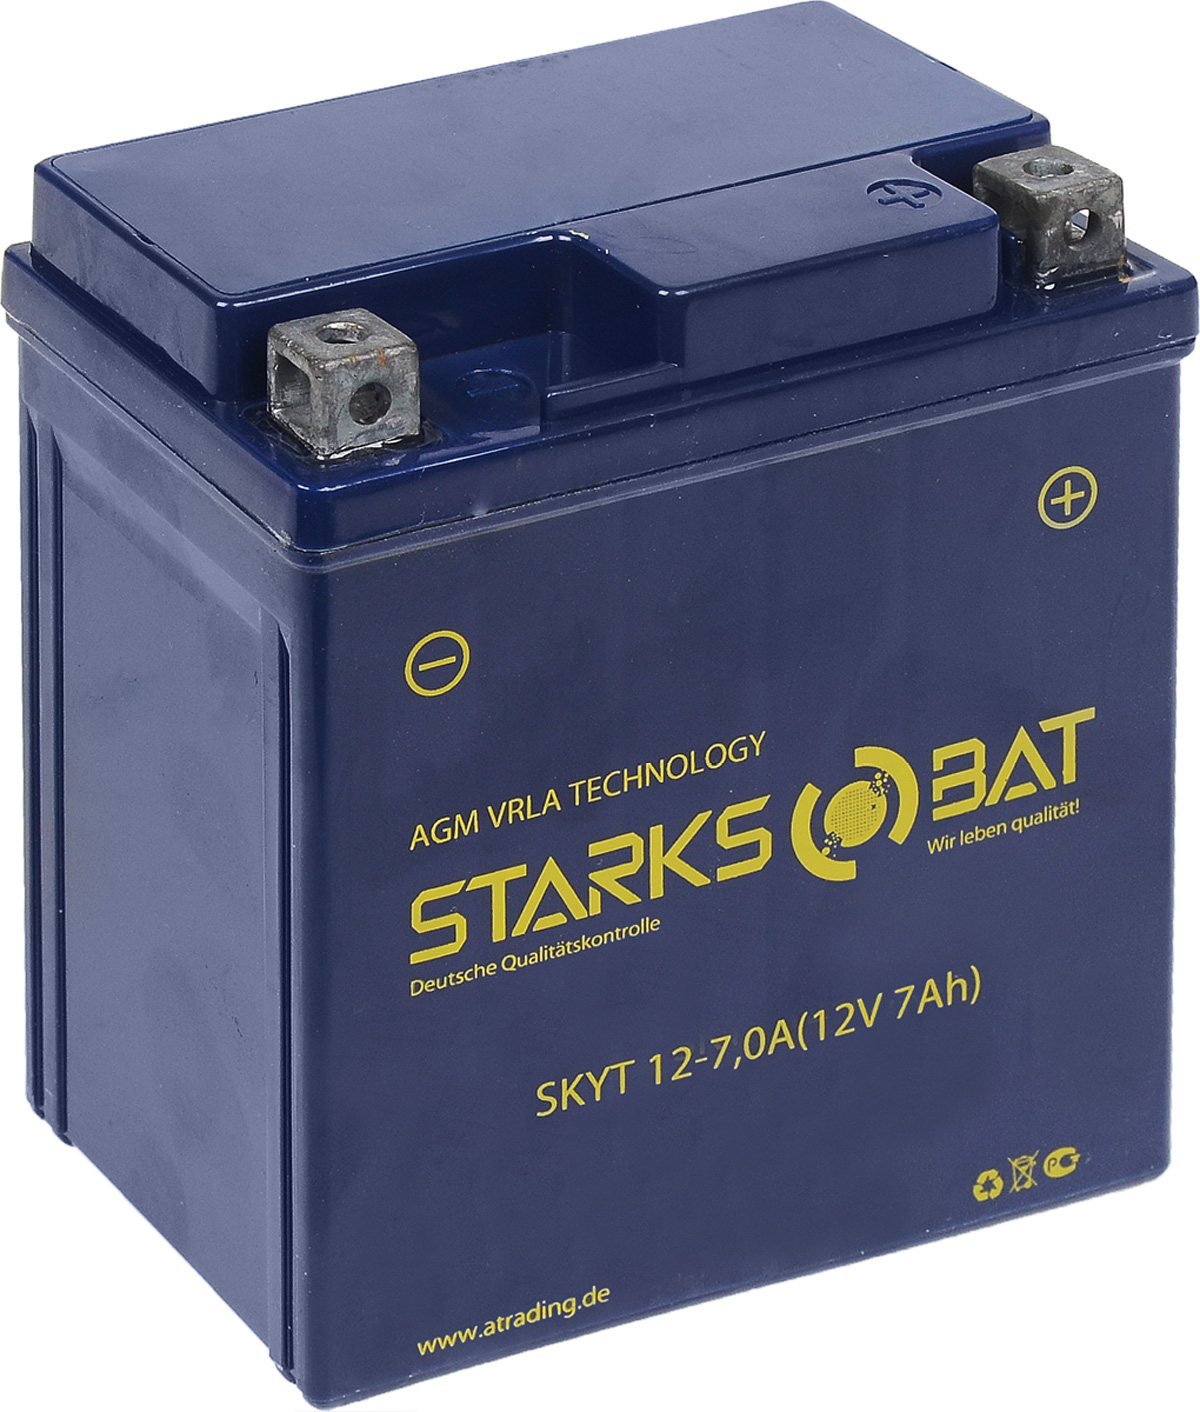 Батарея аккумуляторная для мотоциклов Starksbat. YT 12-7.0А (YTX7L-BS)YT 12-7.0AАккумулятор Starksbat изготовлен по технологии AGM, обеспечивающей повышенный уровень безопасности батареи и удобство ее эксплуатации. Корпус выполнен из особо ударопрочного и морозостойкого полипропилена. Аккумулятор блестяще доказал свои высокие эксплуатационные свойства в самых экстремальных условиях бездорожья, высоких и низких температур.Аккумуляторная батарея Starksbat производится под знаменитым немецким контролем качества, что обеспечивает ему высокие пусковые характеристики и восстановление емкости даже после глубокого разряда.Напряжение: 12 В.Емкость: 7 Ач.Полярность: прямая (+ -).Ток холодной прокрутки: 115 Аh (EN).